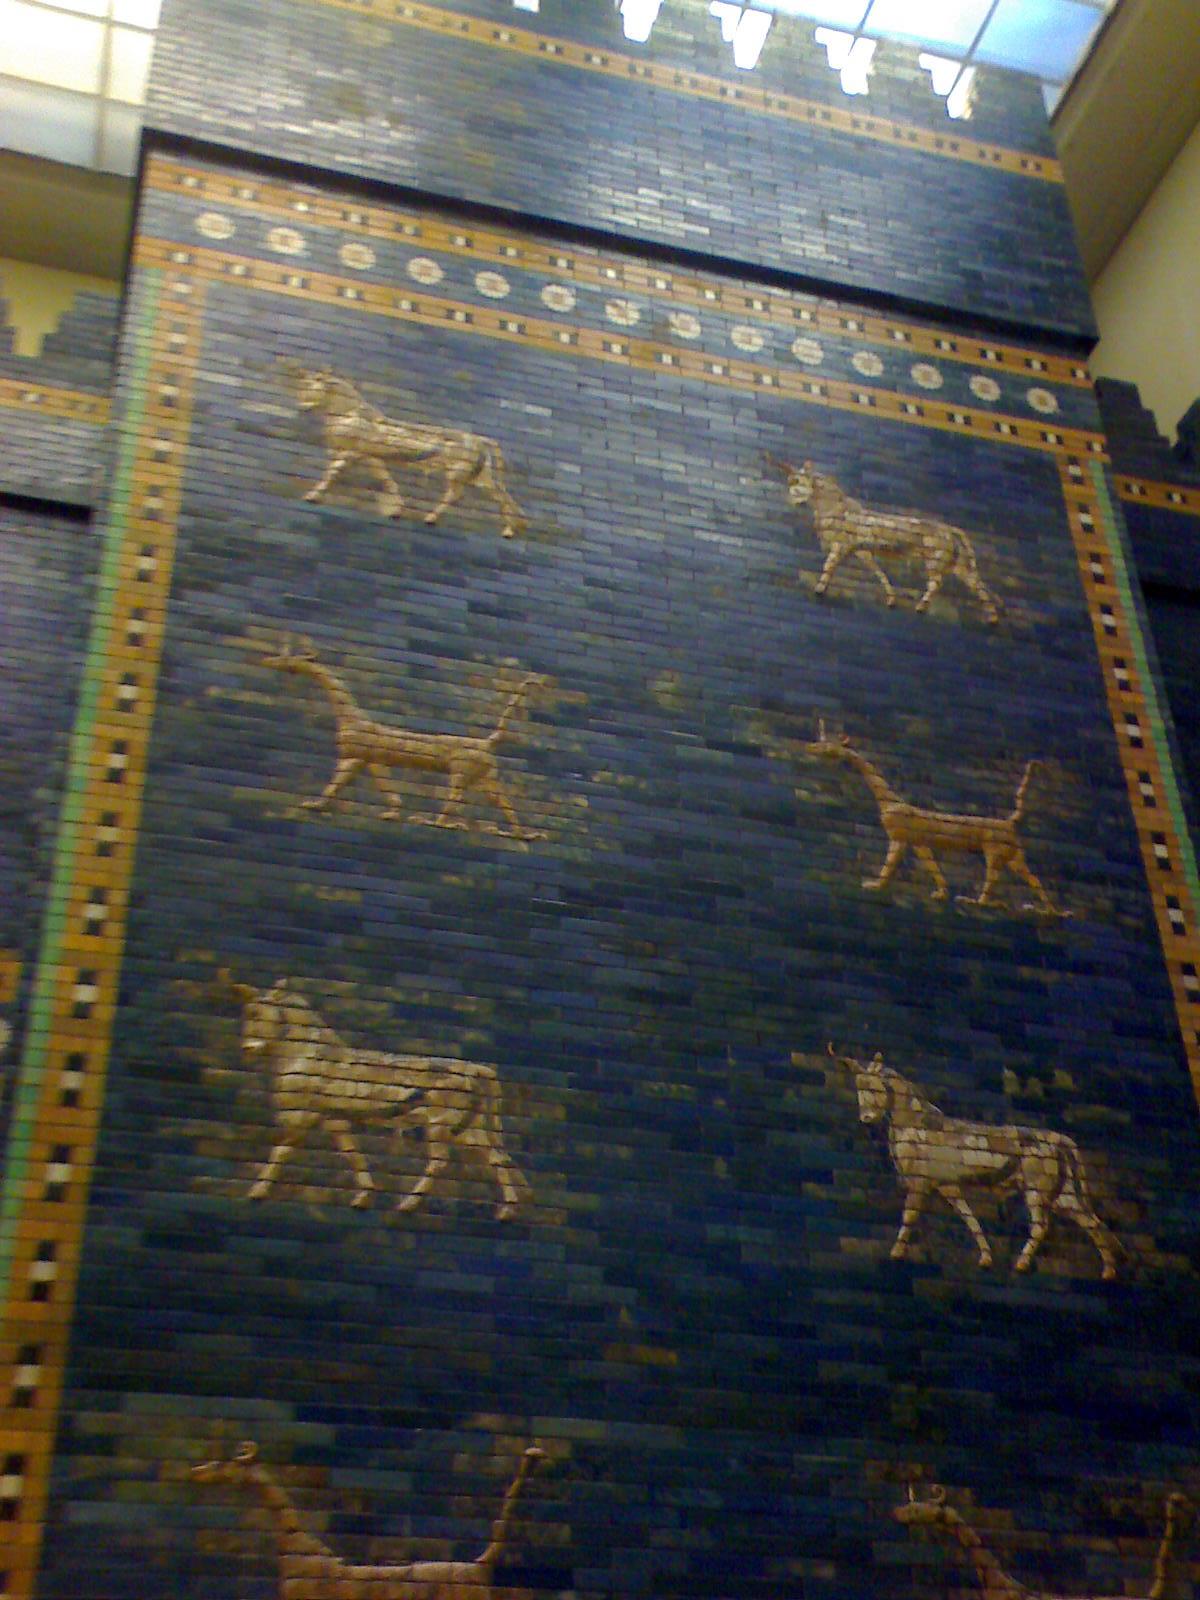 The Lion Gate of Babylon